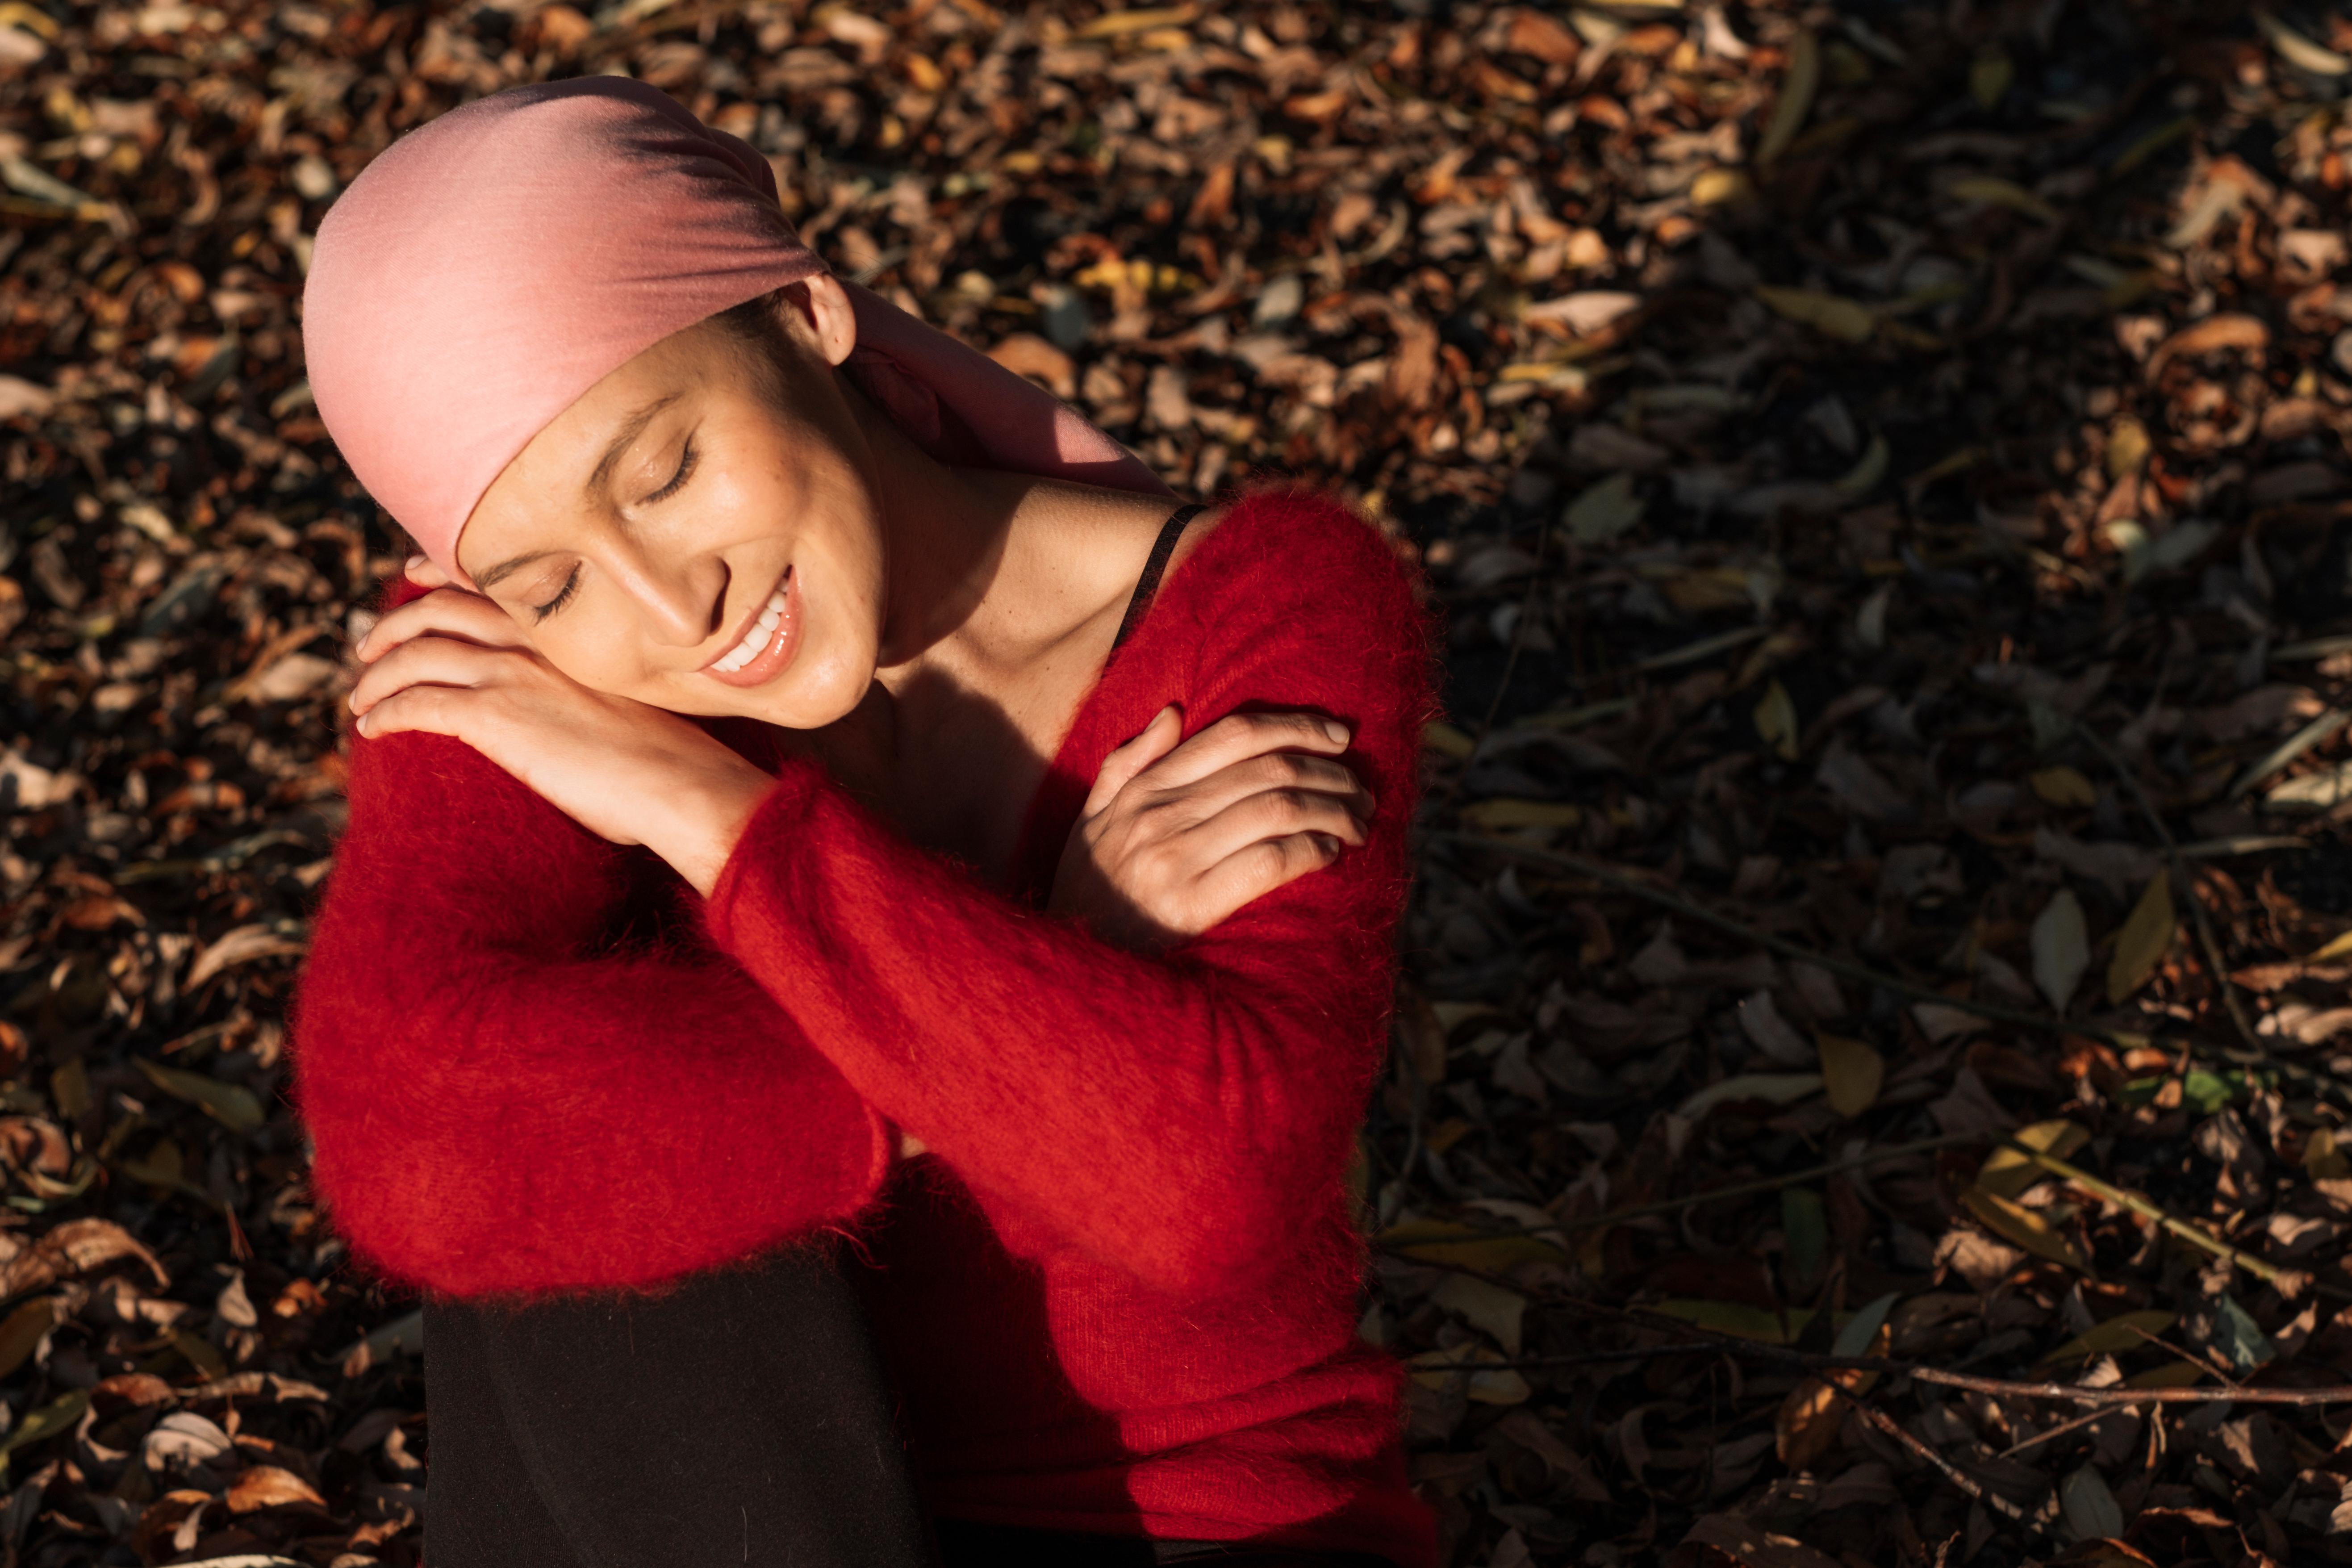 cancer scarf